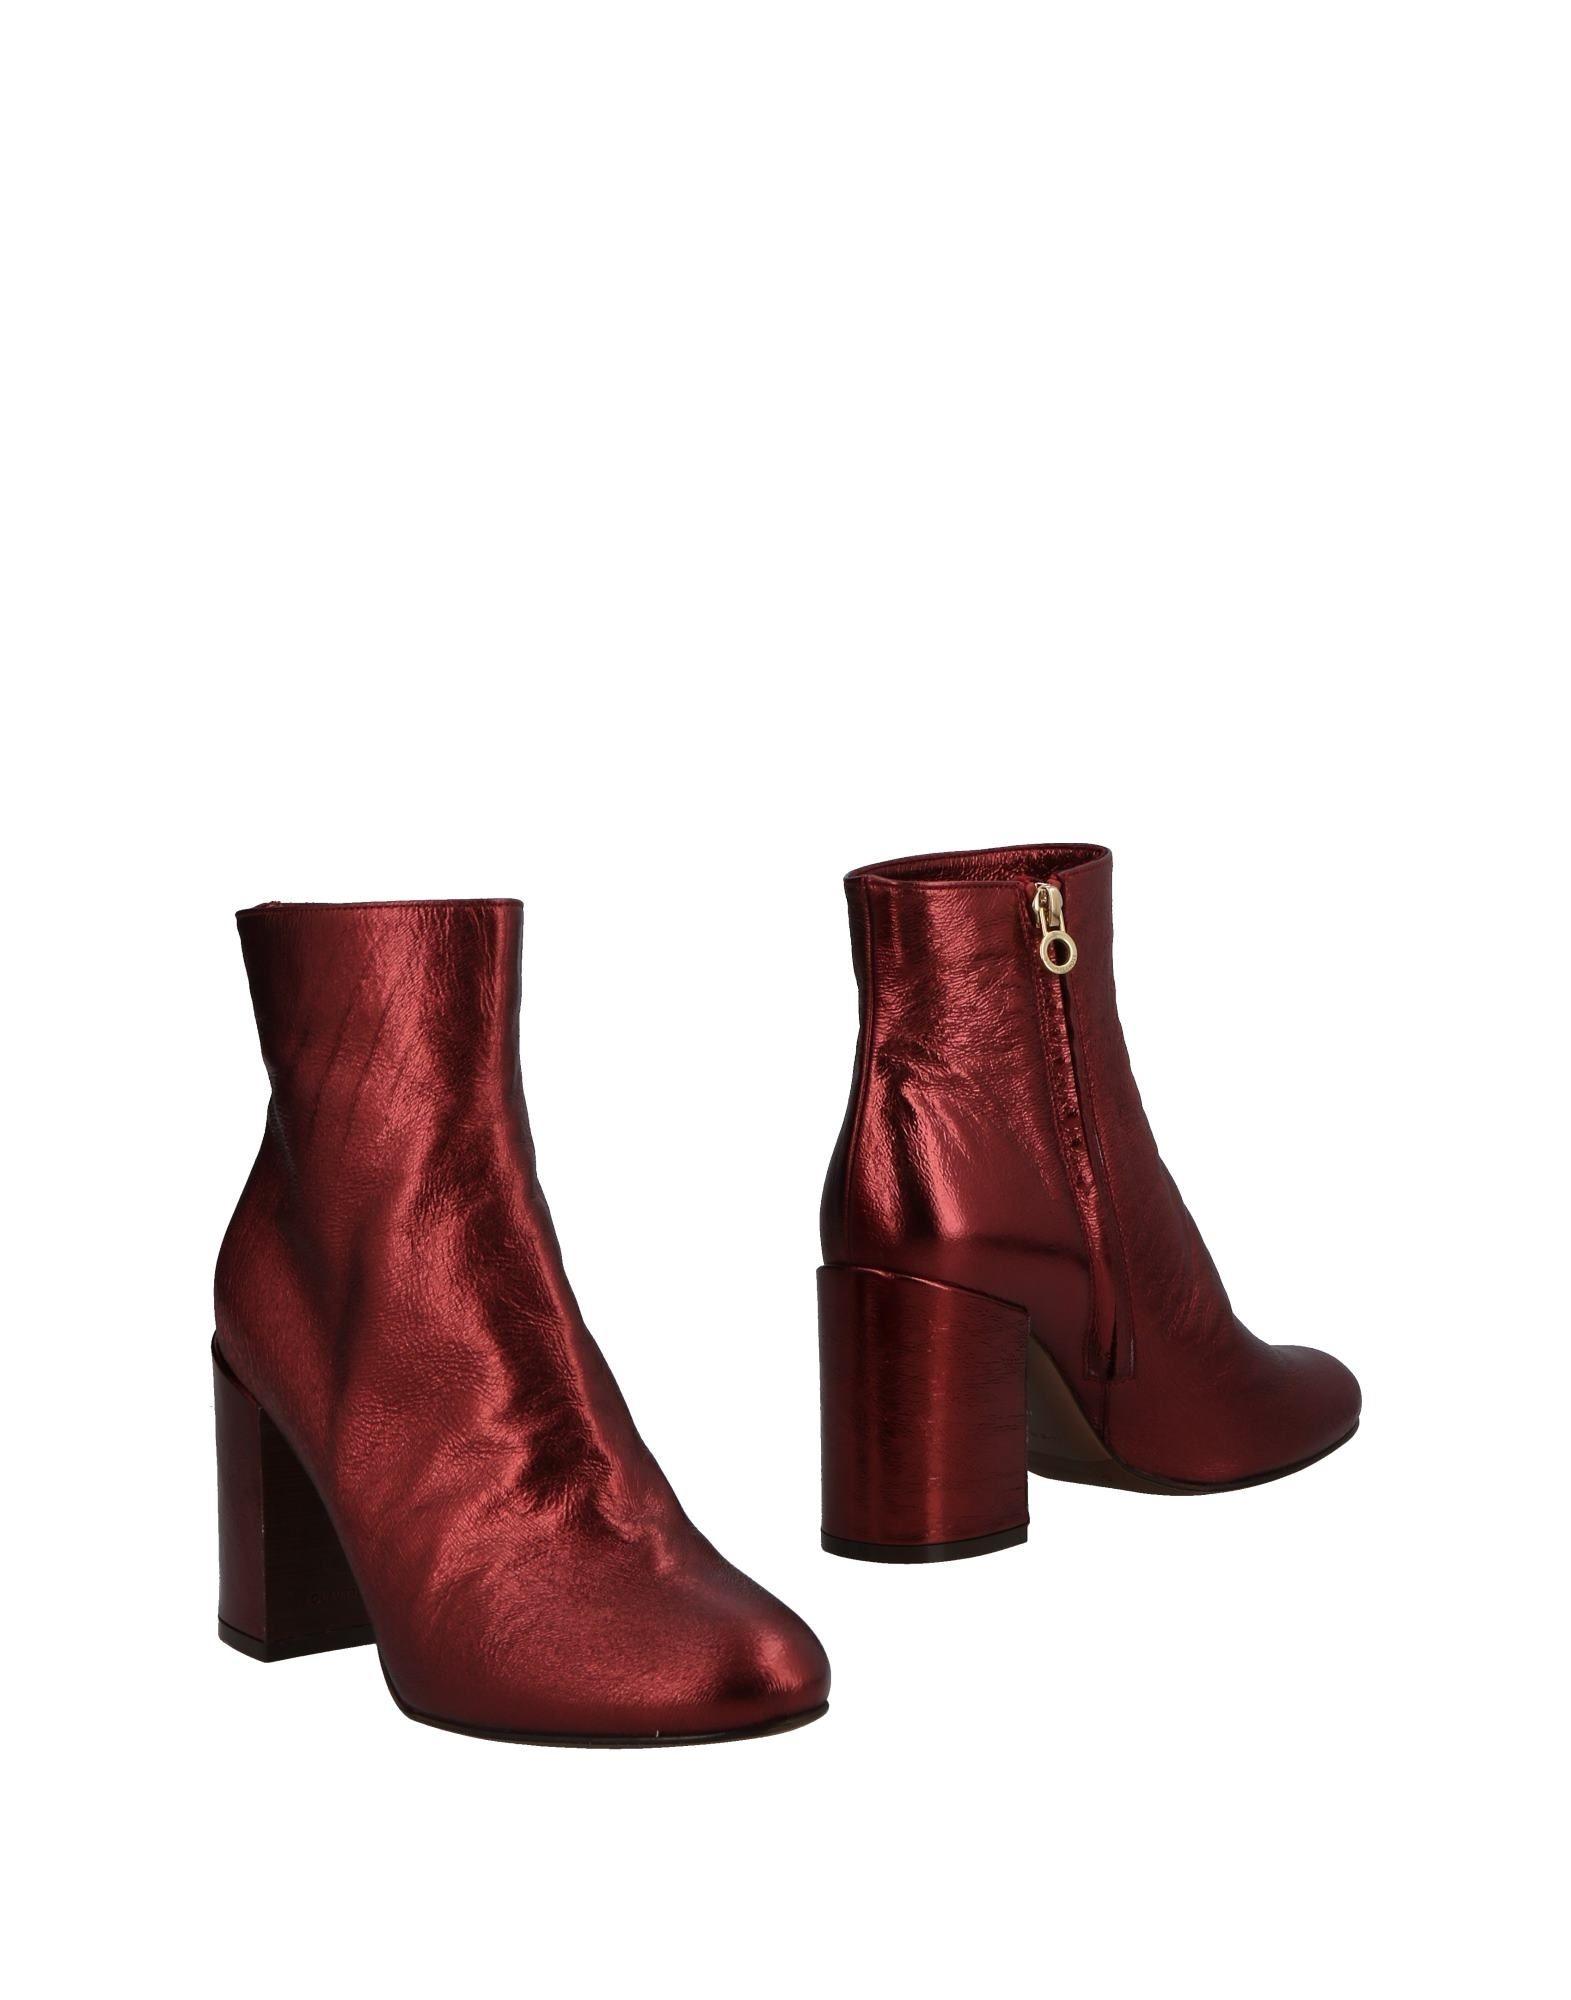 Stilvolle billige Schuhe Damen L' Autre Chose Stiefelette Damen Schuhe  11475650KH f71e6c